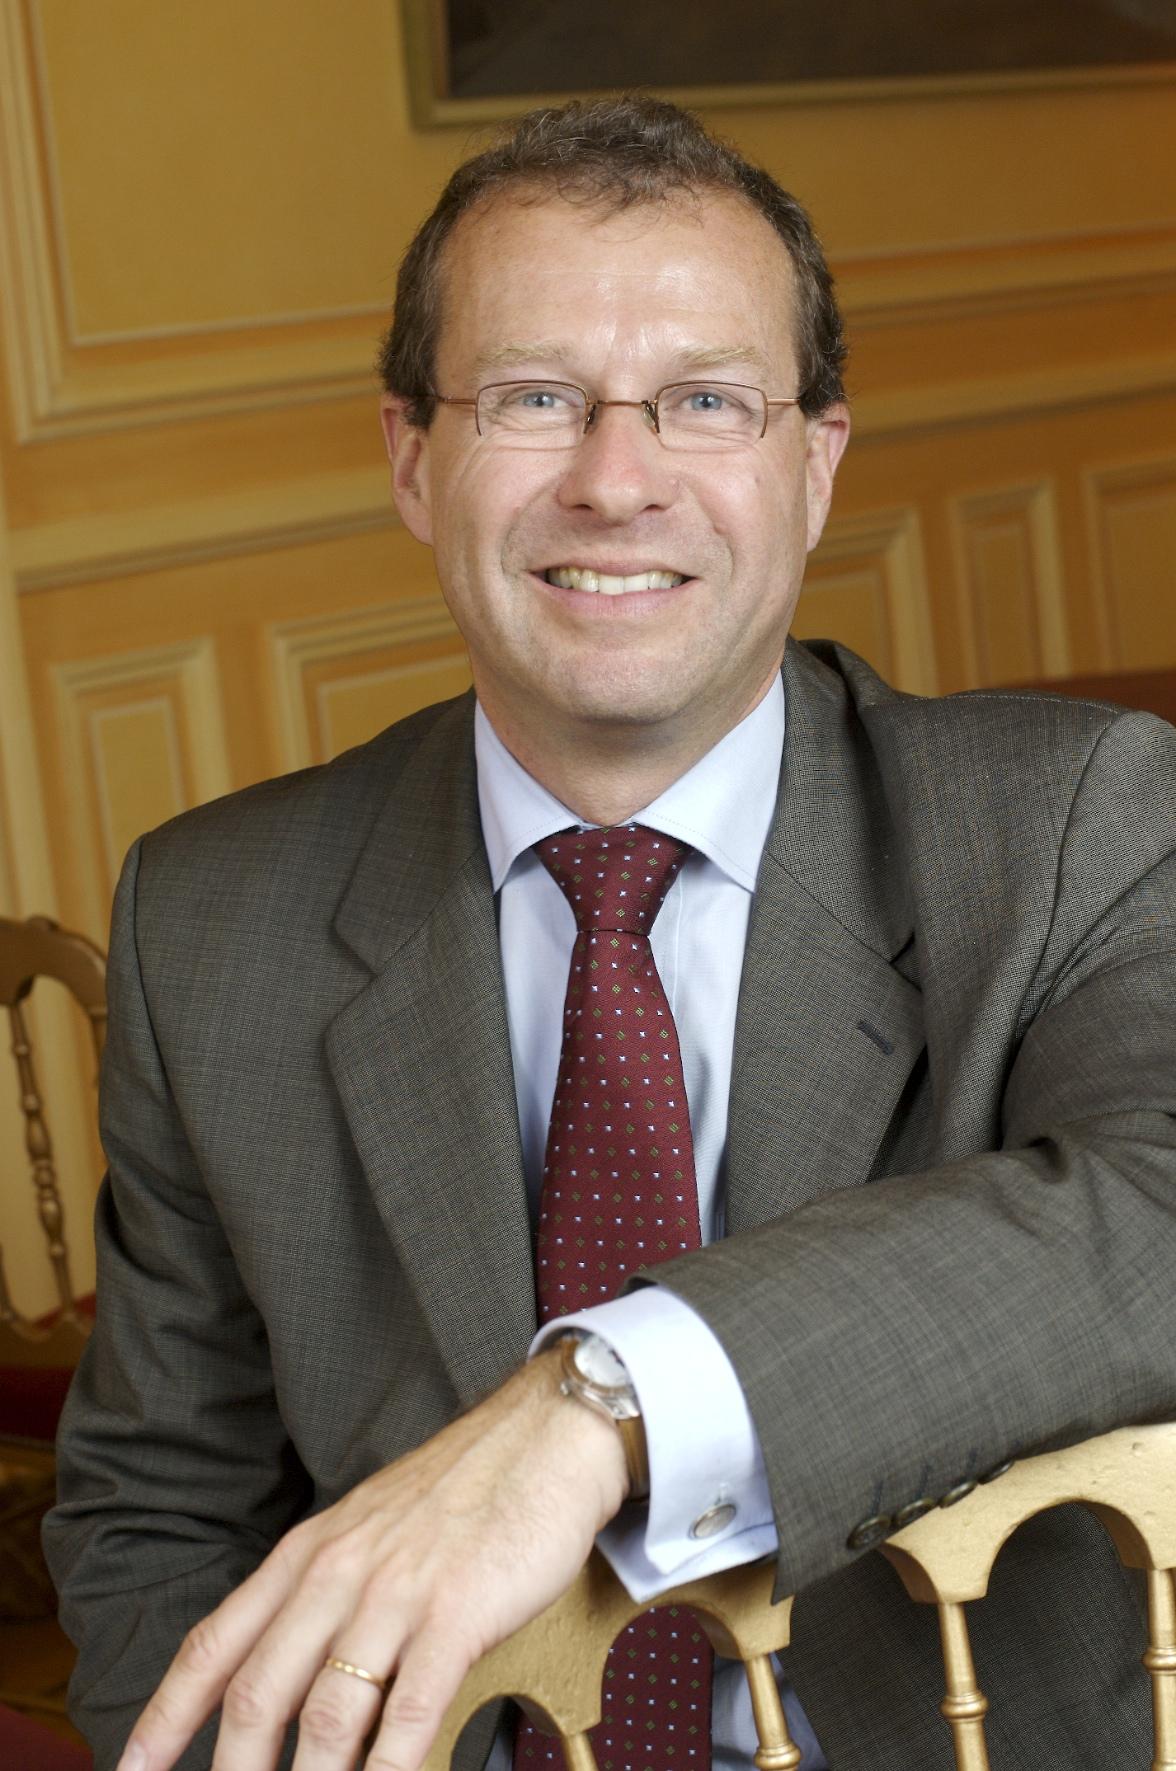 photo : Antoine Desbarrieres, président de Cerqual Patrimoine et directeur de Qualitel